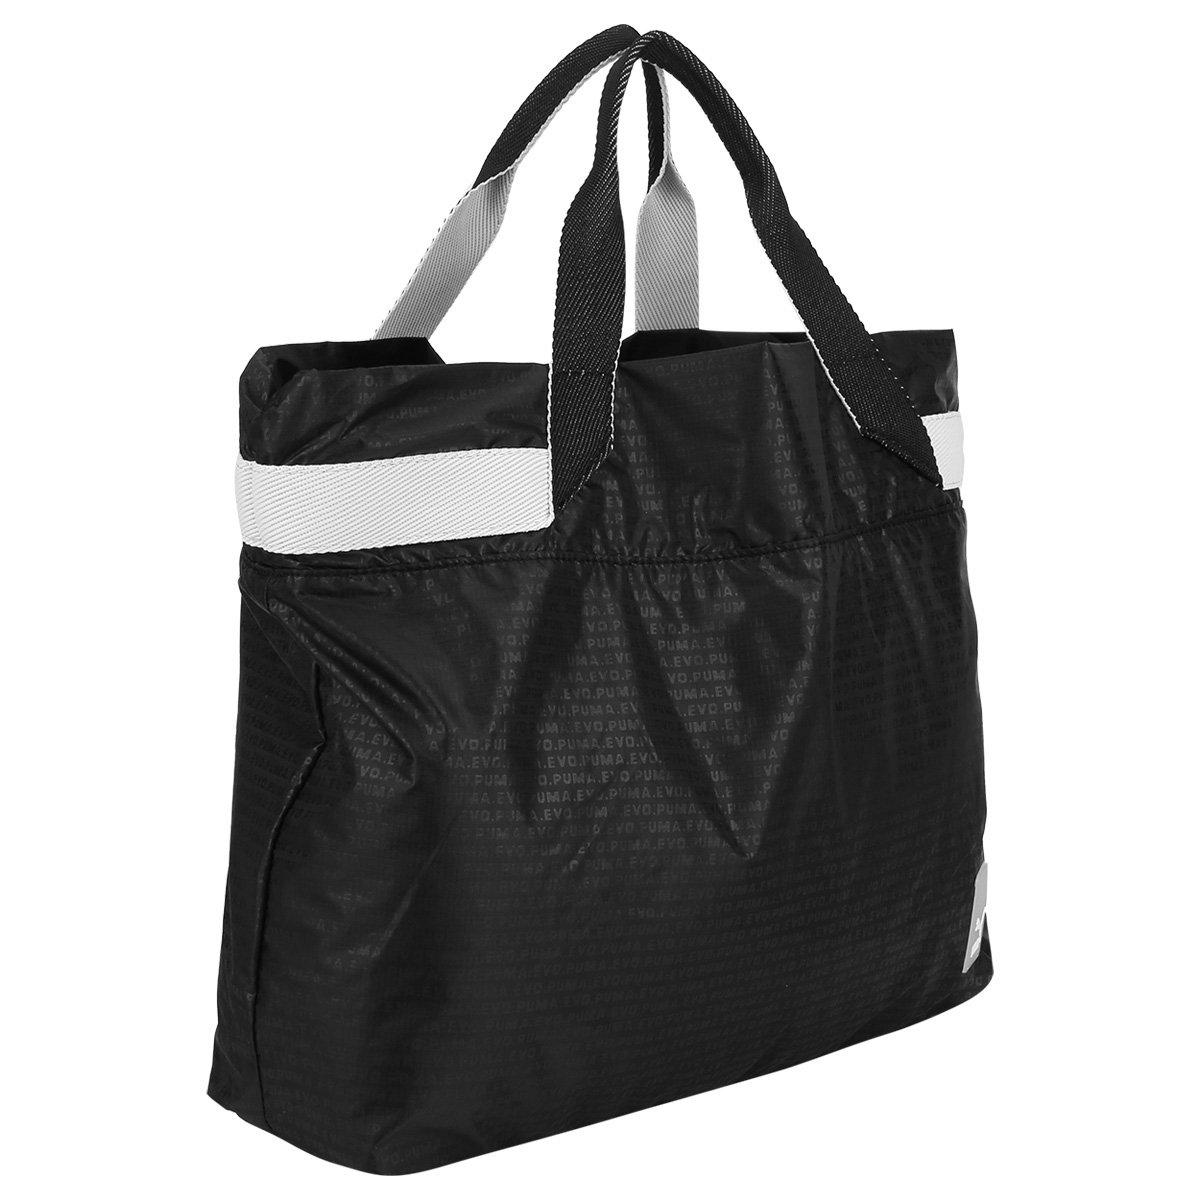 Bolsa Puma Shopper Prime 2 em 1 Feminina - Compre Agora  9b6e86d85b2